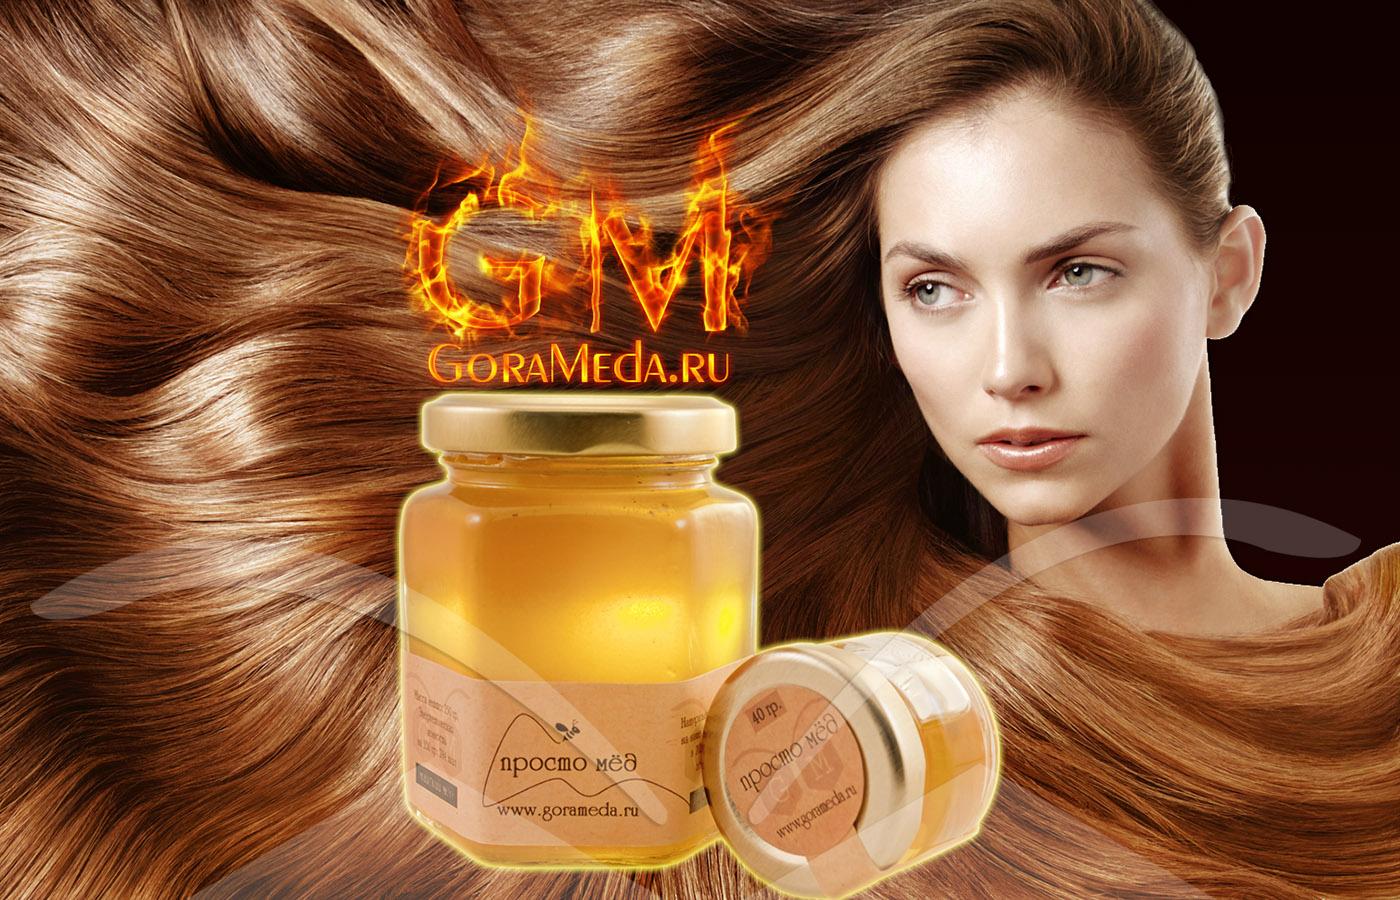 Маска для волос яйцо мед оливковое масло